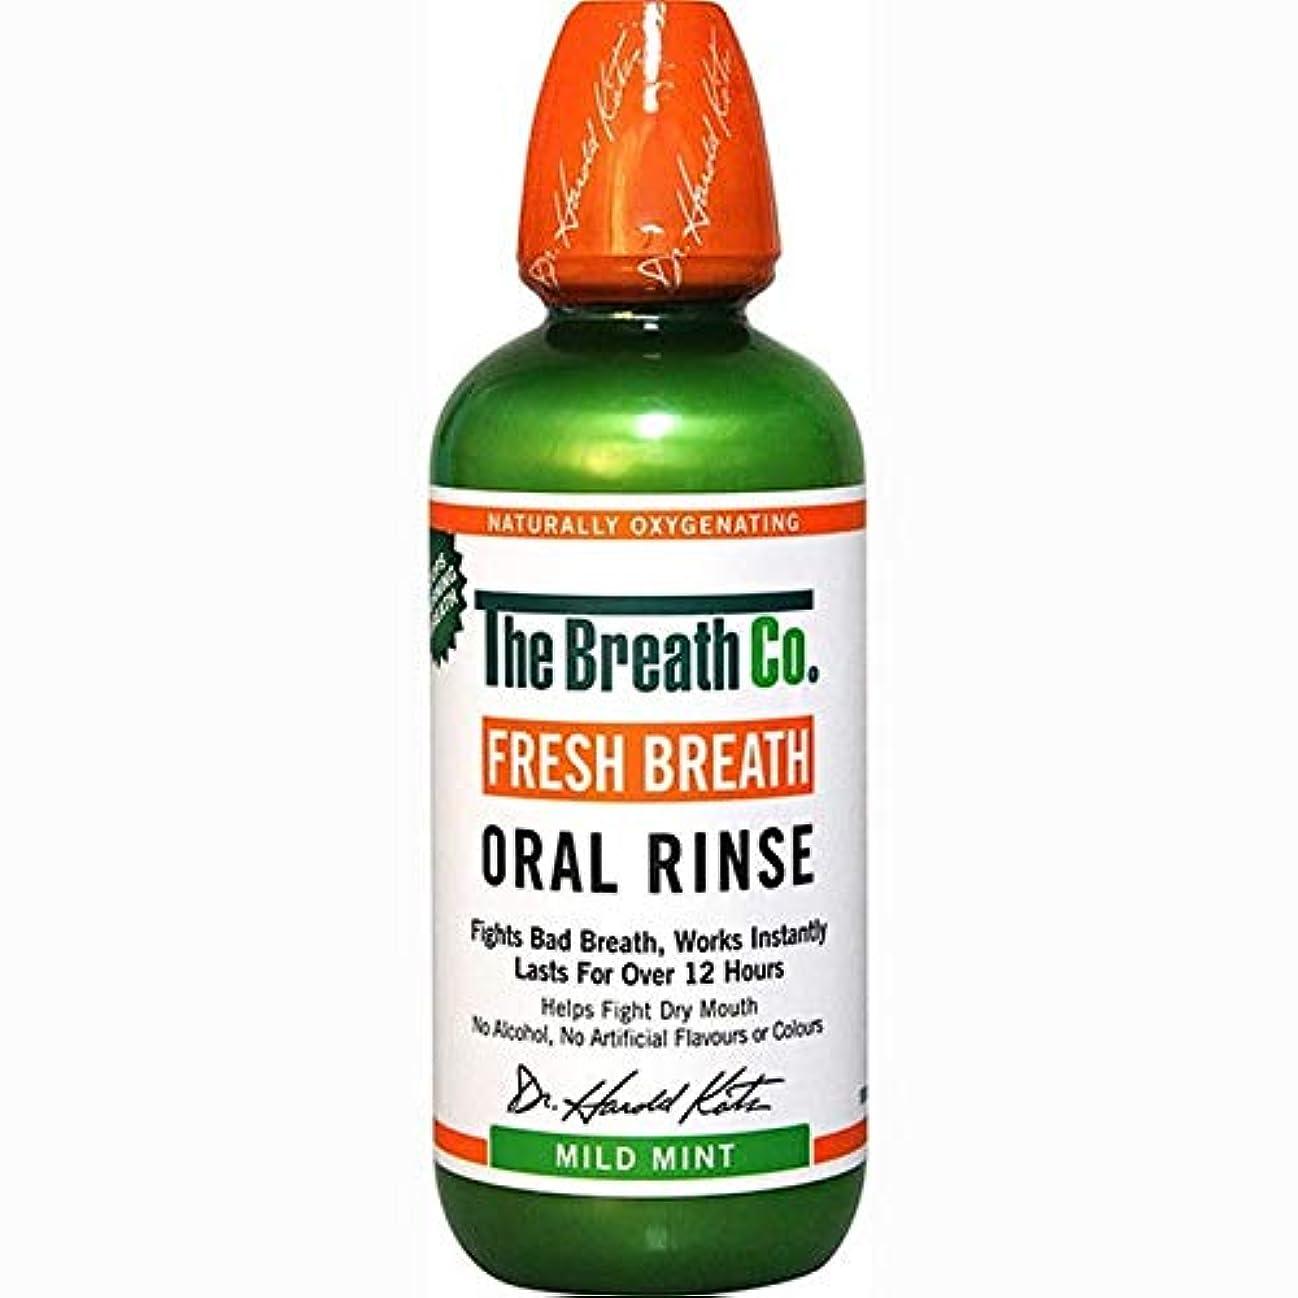 かけるかかわらずアクセル[The Breath Co] 息のCo新鮮な息口腔リンスマイルドミント500ミリリットル - The Breath Co Fresh Breath Oral Rinse Mild Mint 500ml [並行輸入品]